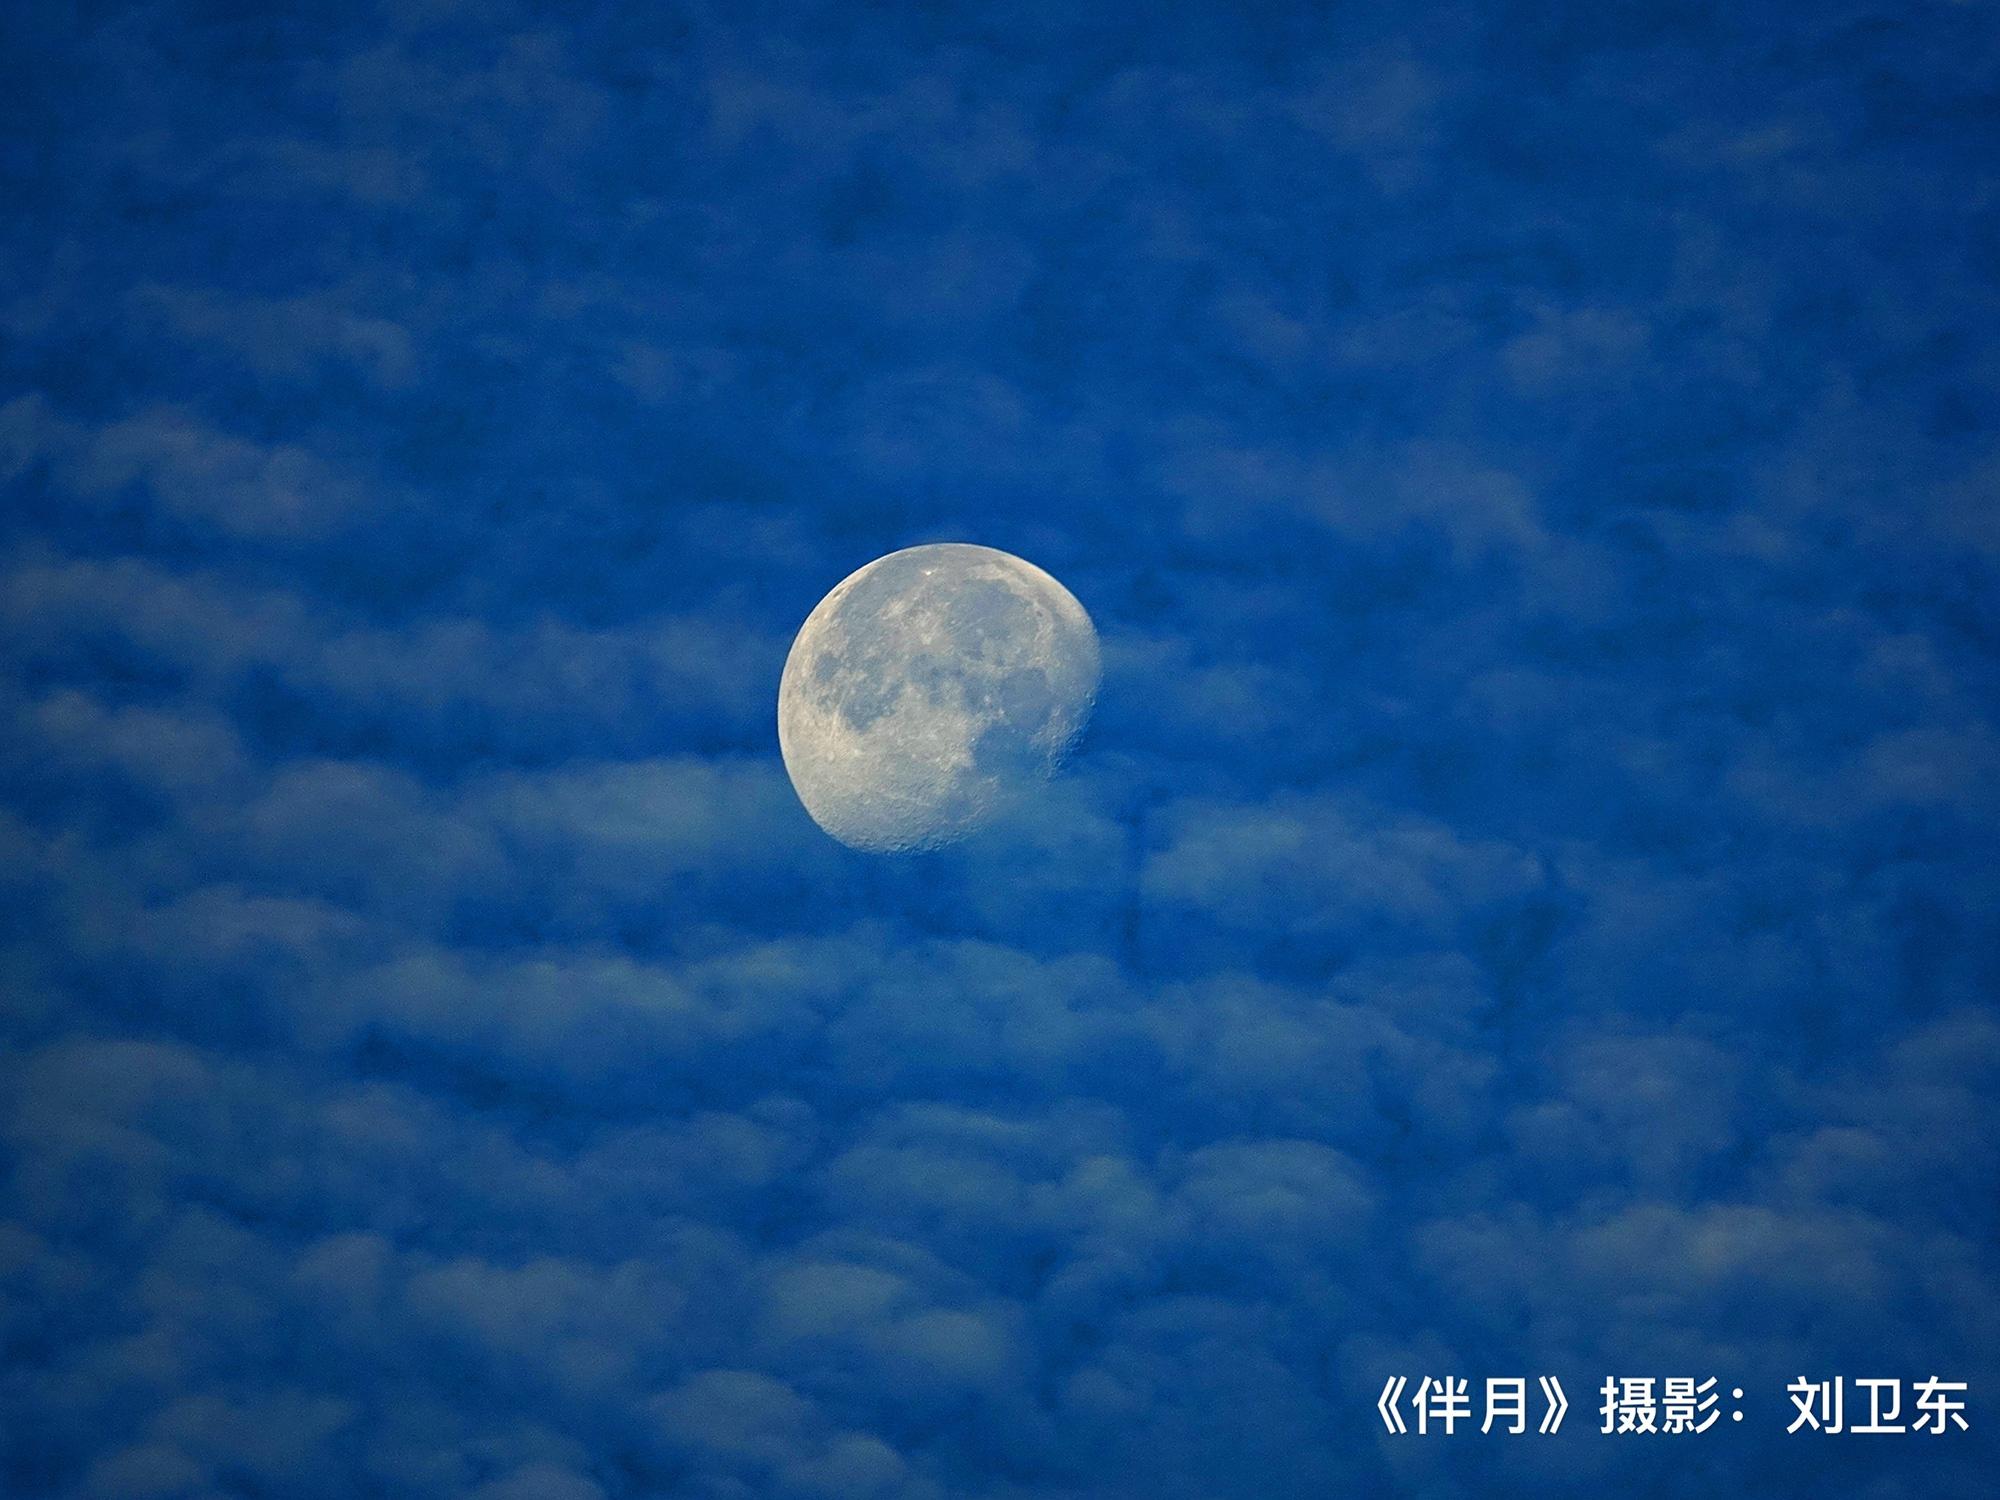 刘卫东摄影作品欣赏